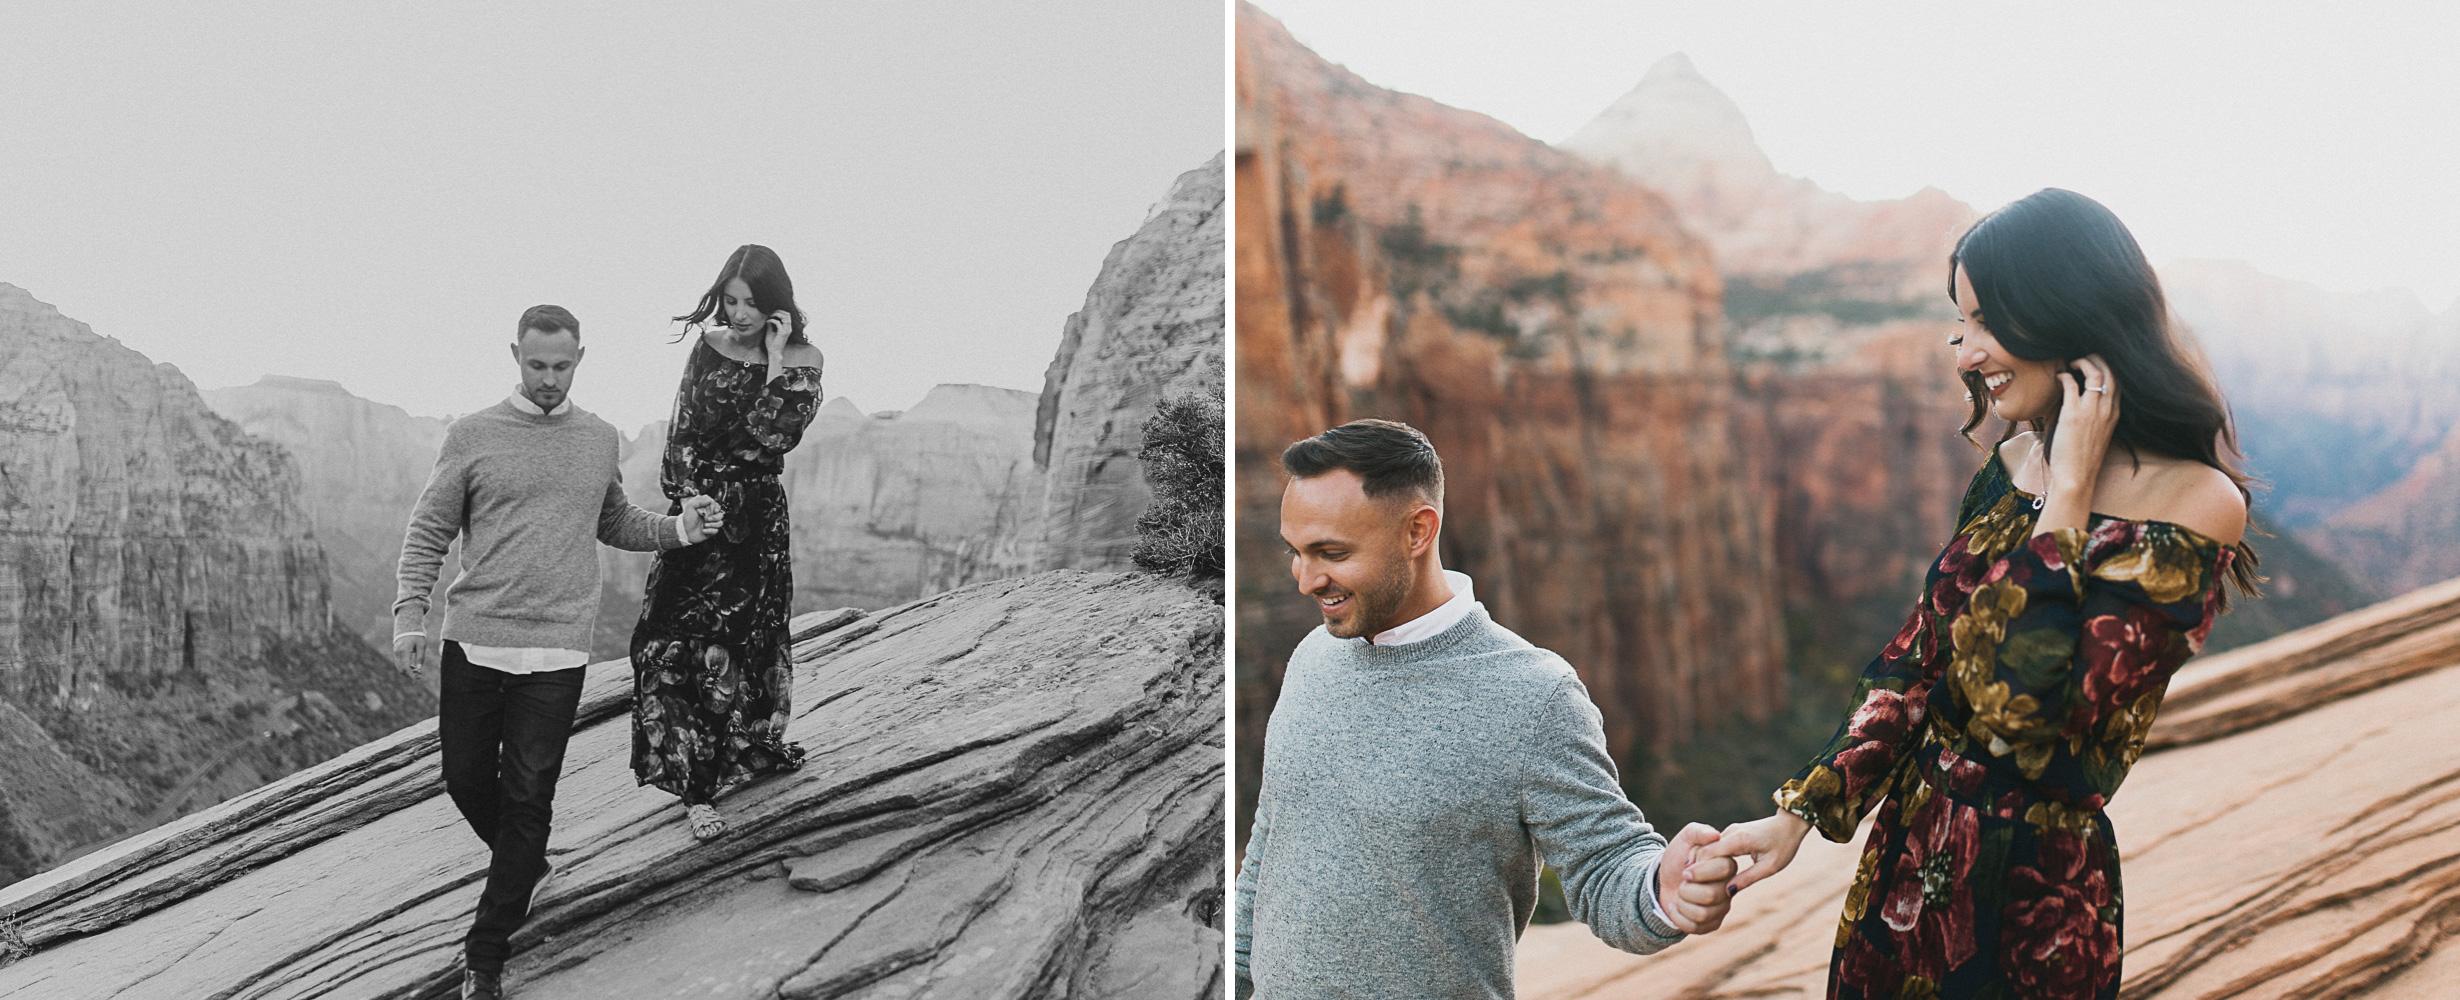 Zion-Utah-Engagement-Photographer-03.jpg